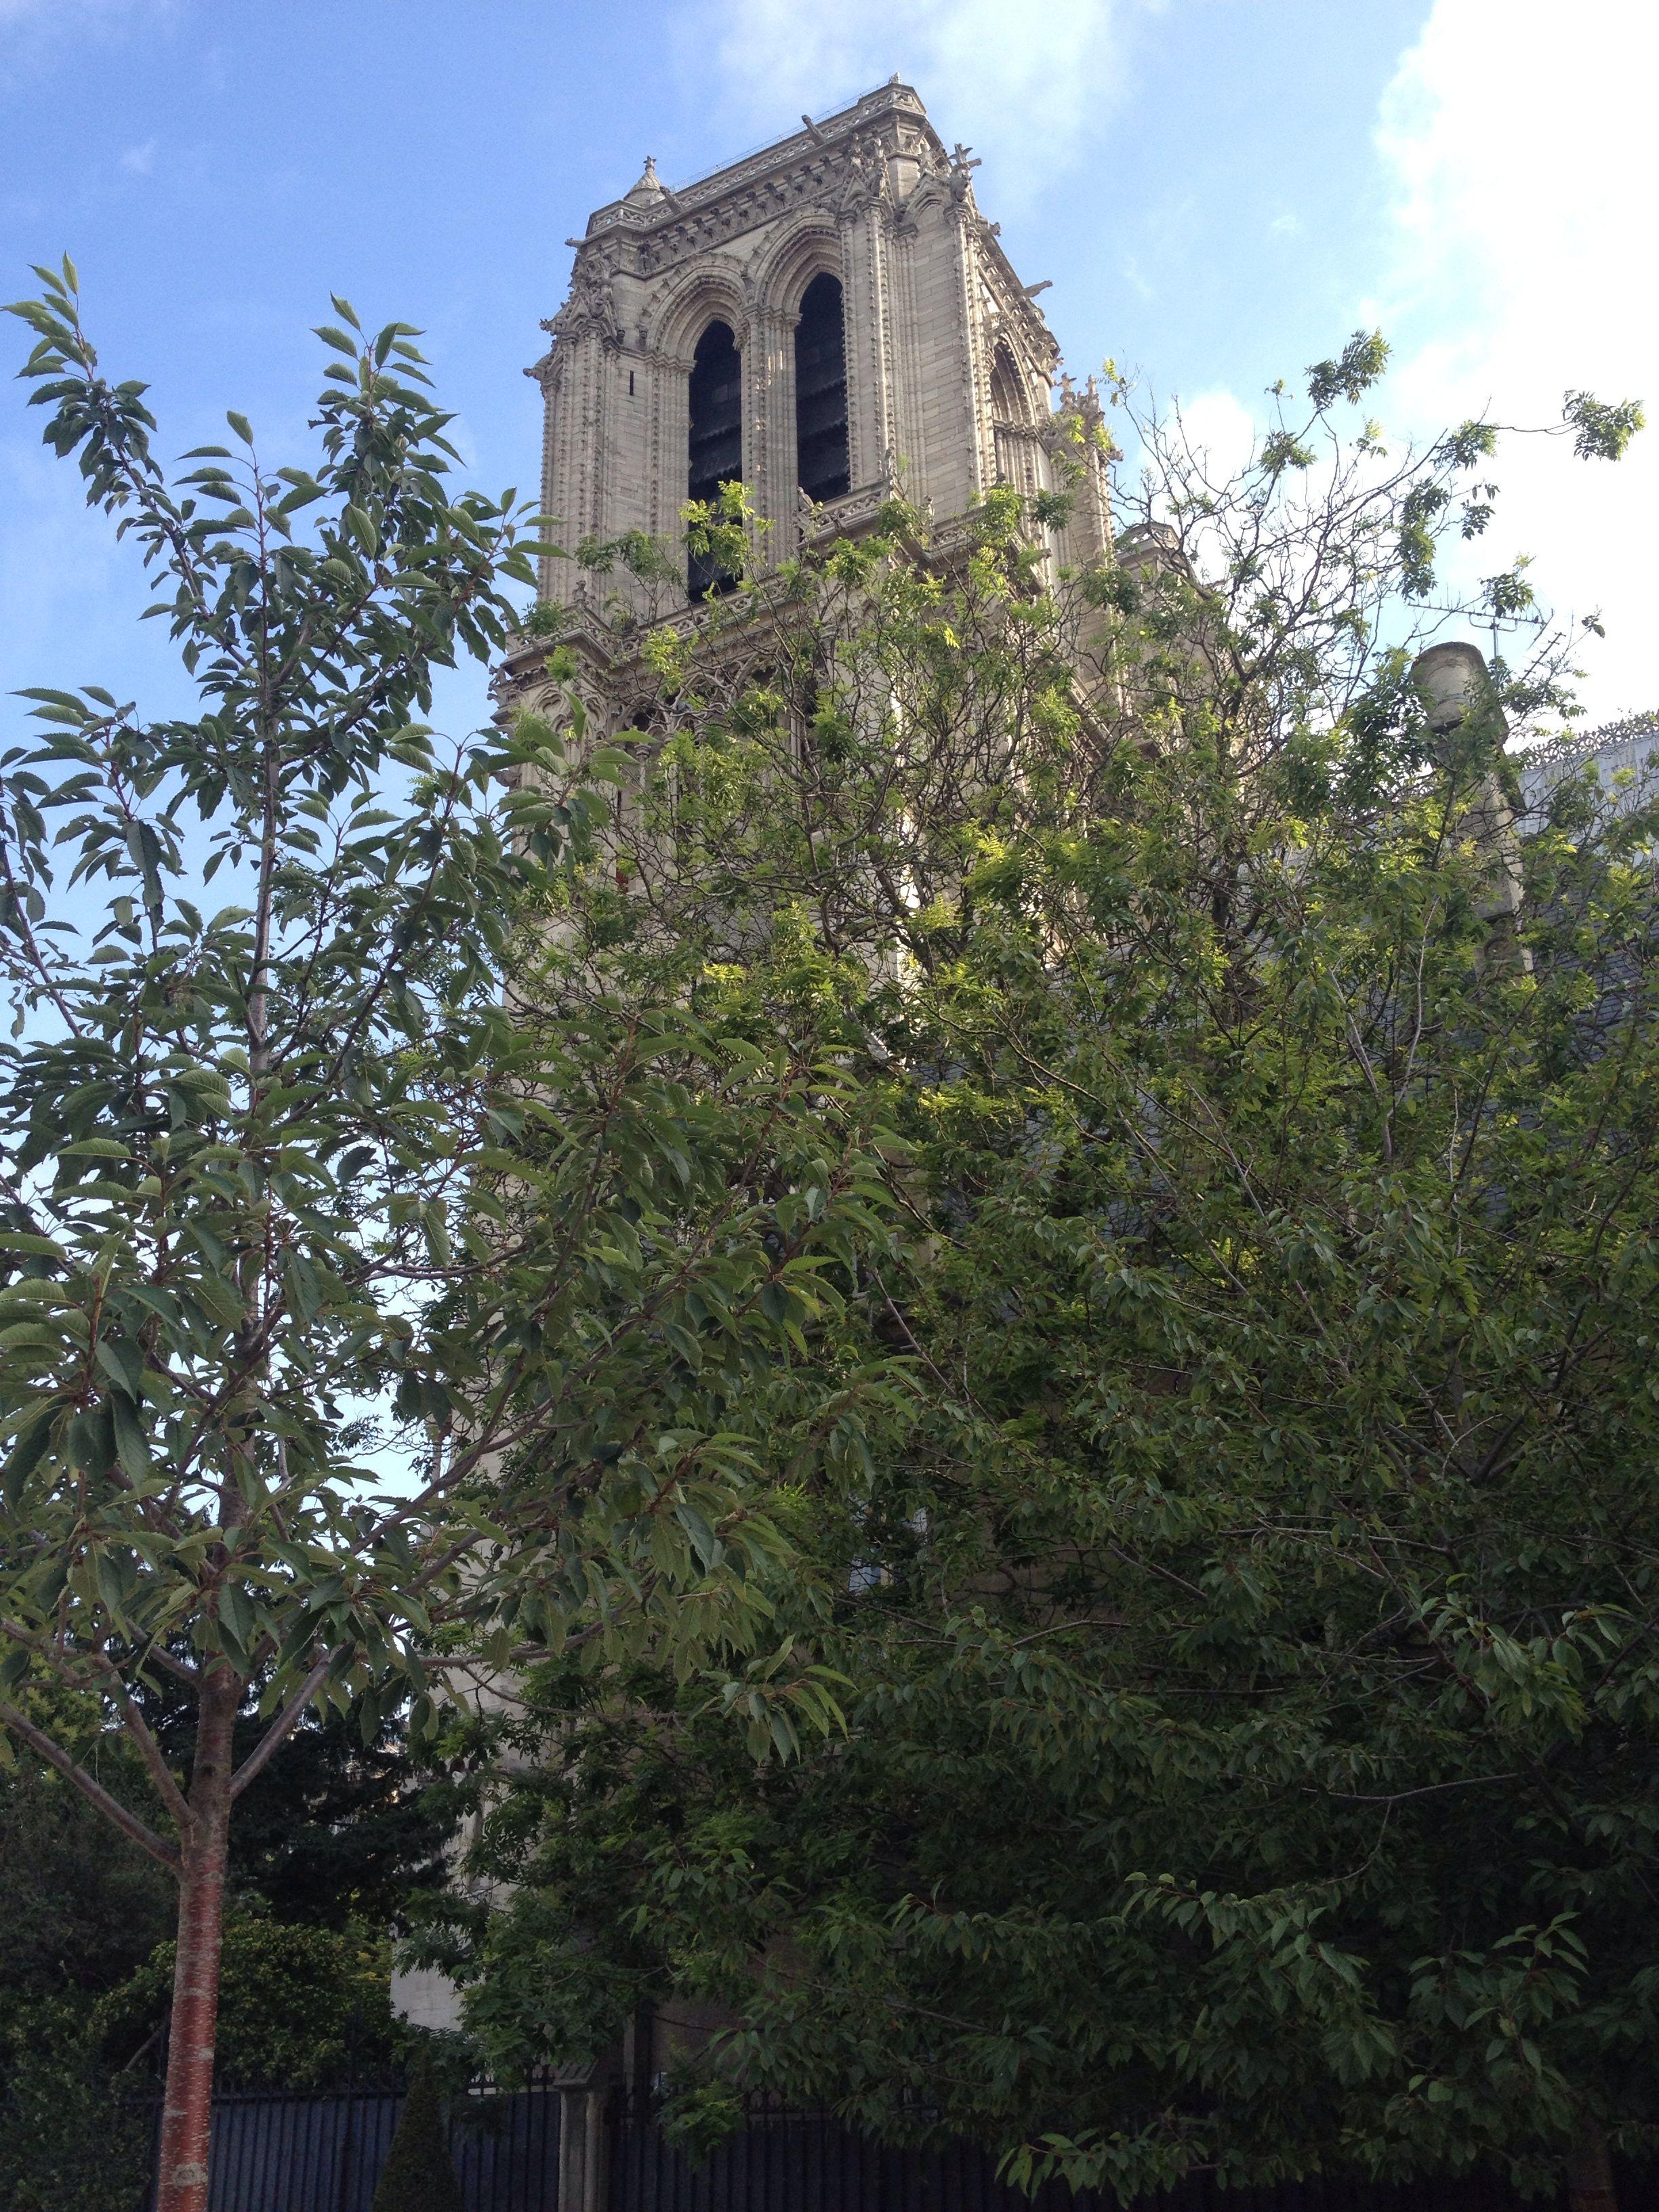 Cathédrale Notre Dame de Paris  iPhone 4S